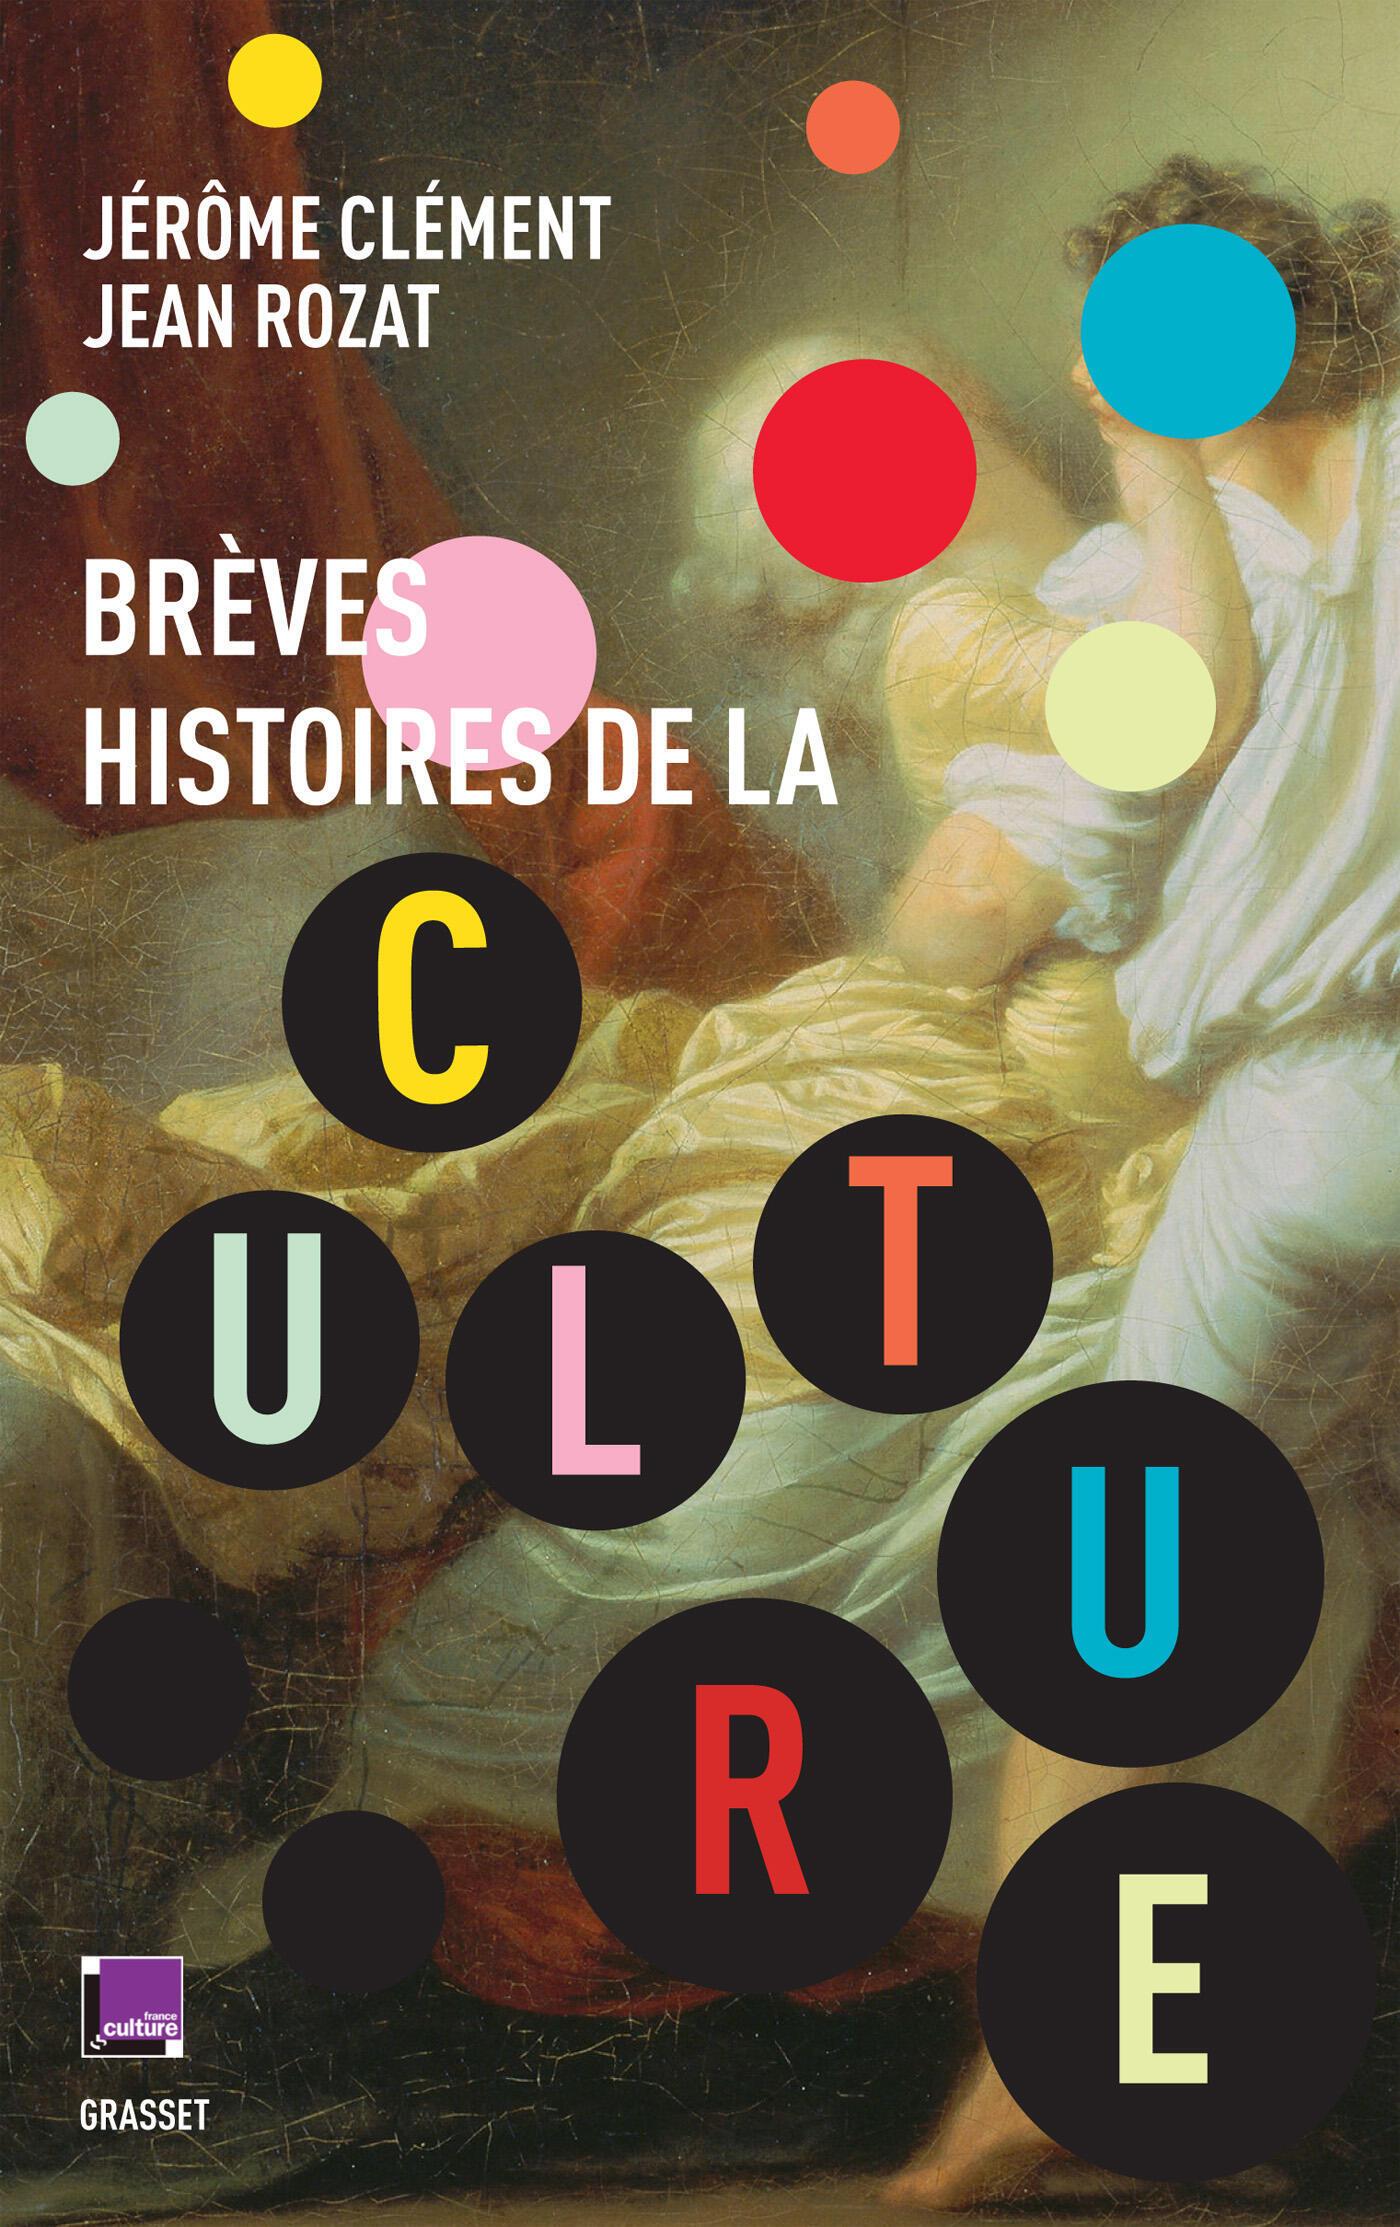 Couverture du livre de Jérôme Clément «Brèves histoires de la culture»